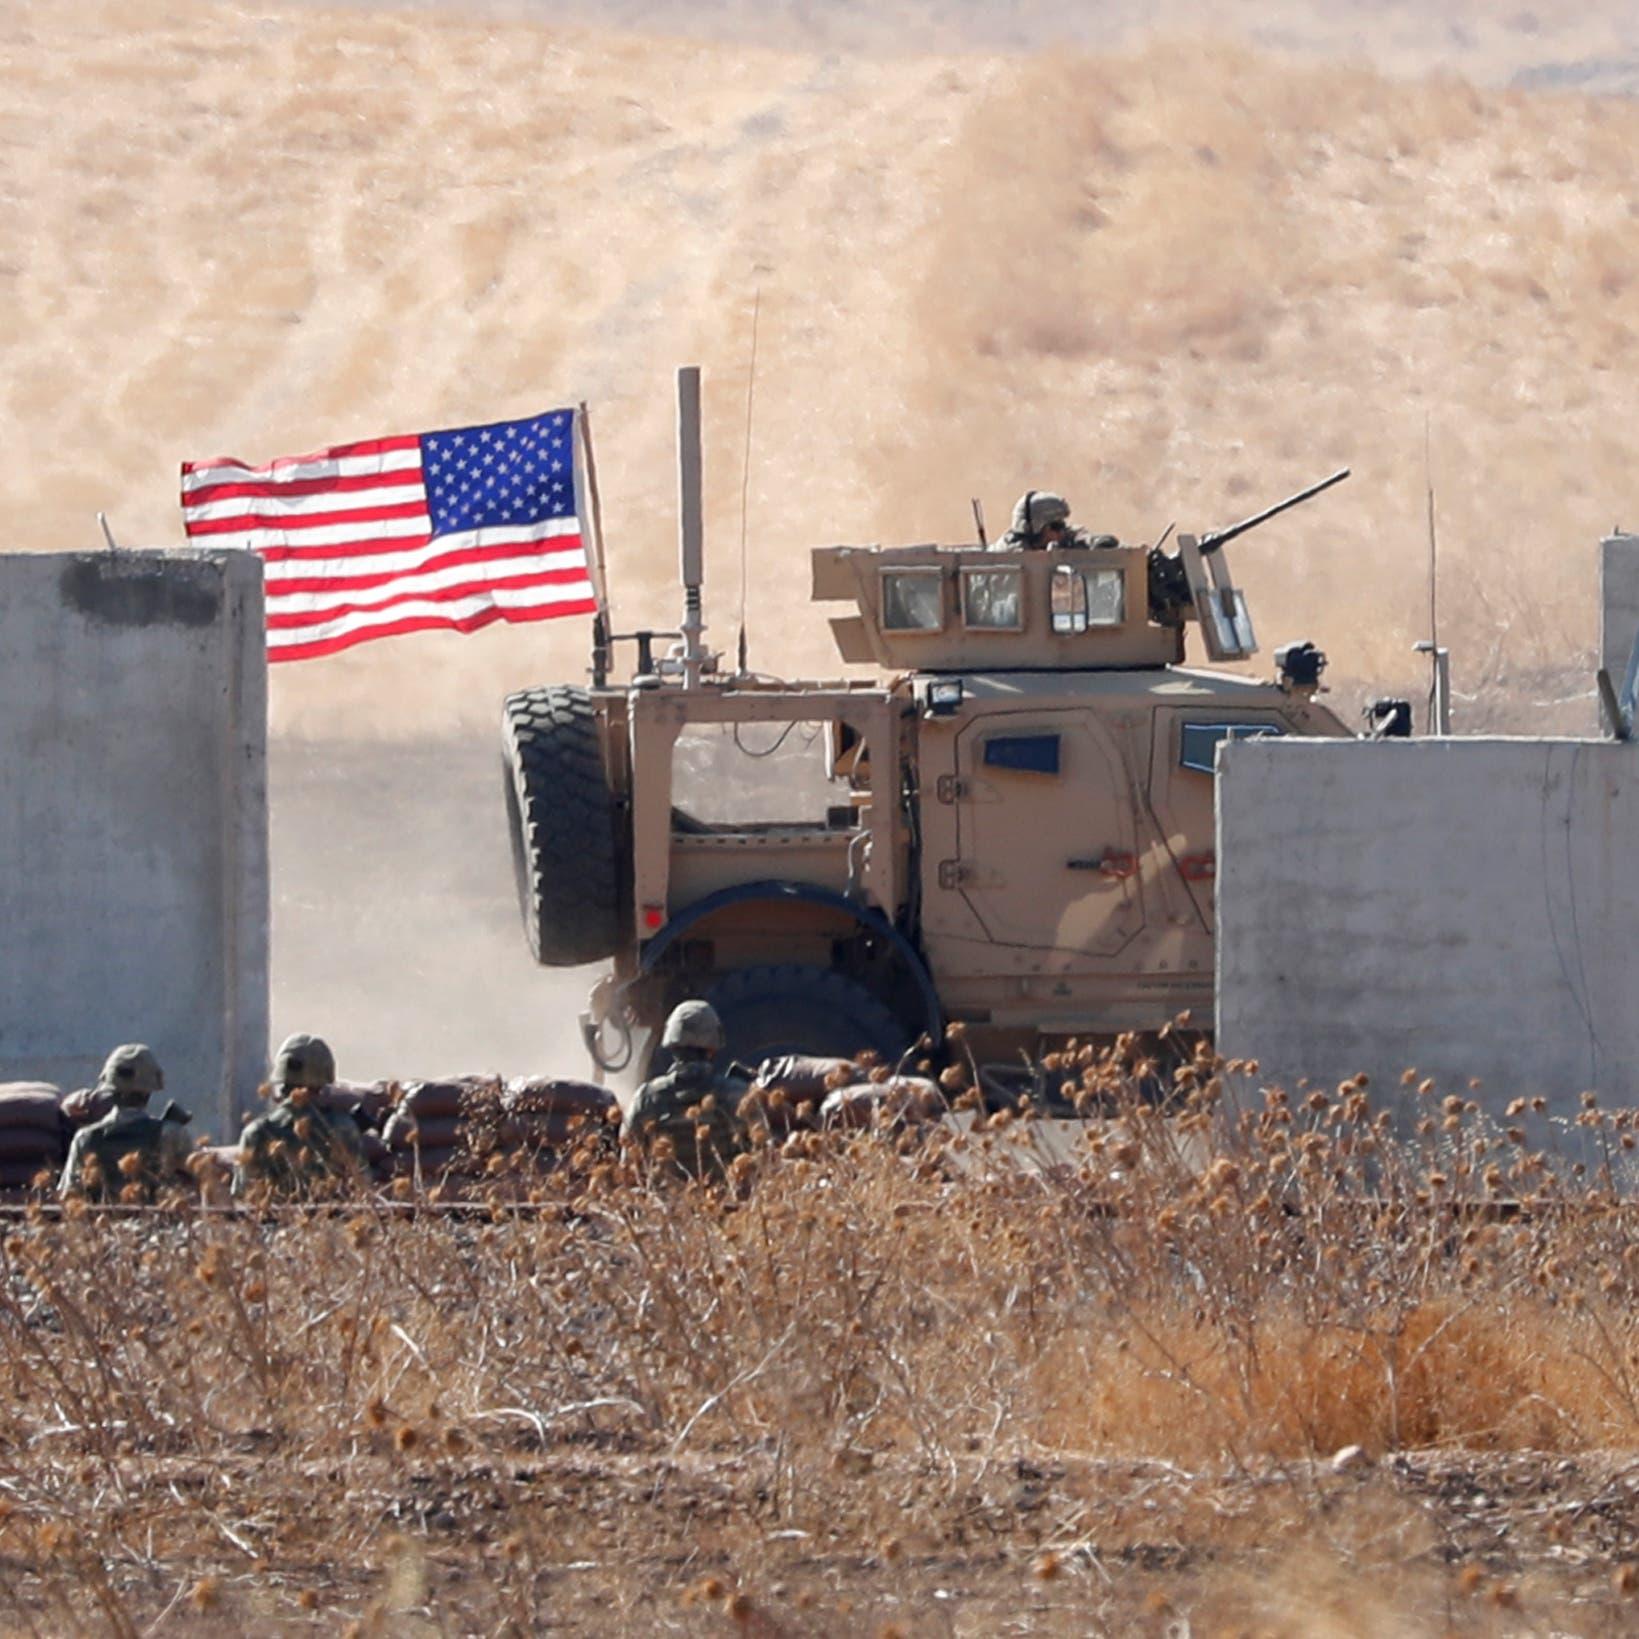 أنباء عن إرسال مزيد من القوات الأميركية إلى شمال سوريا